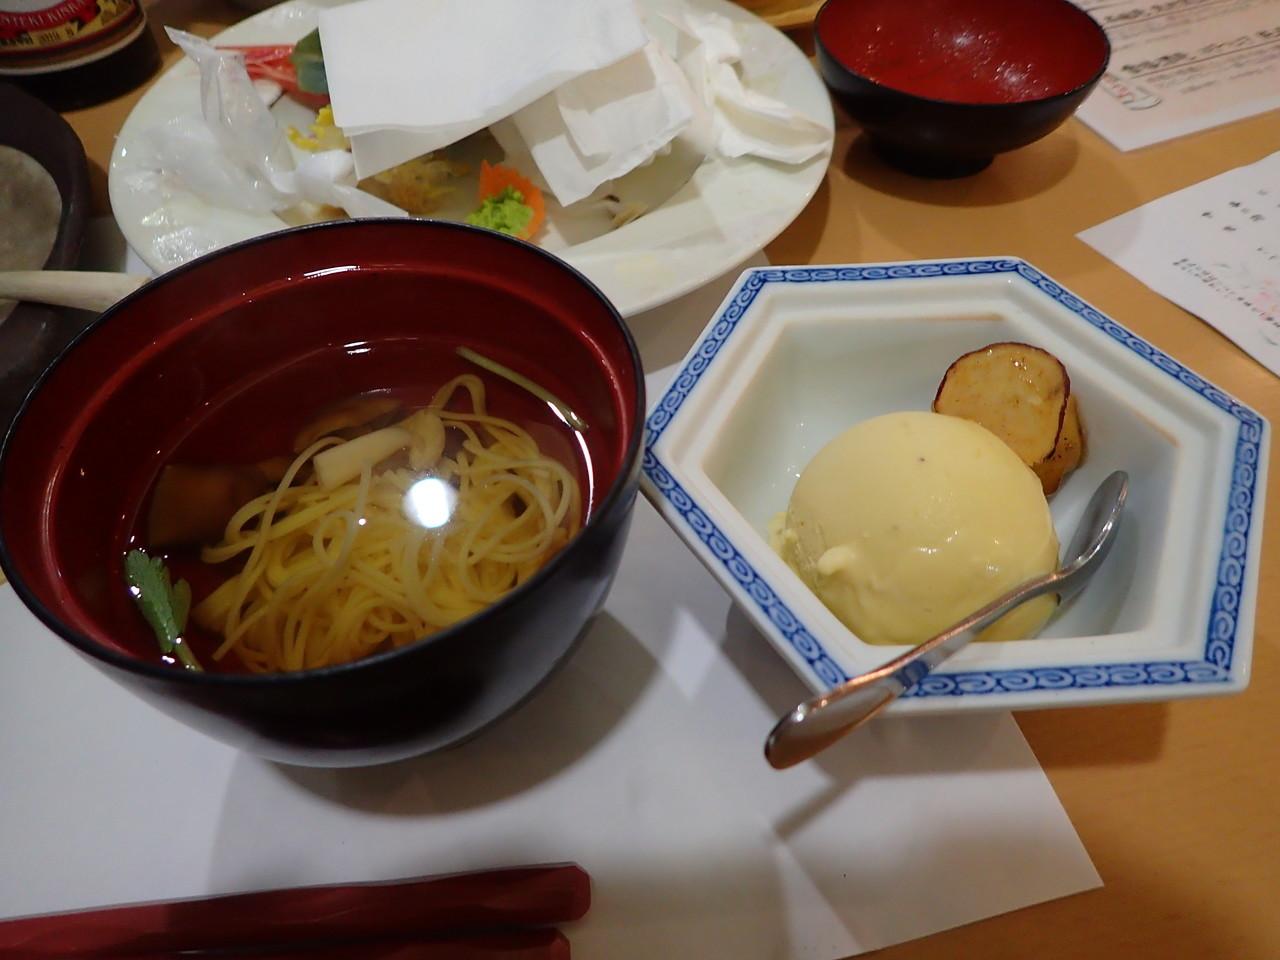 食事ウィズアウトご飯・デザート